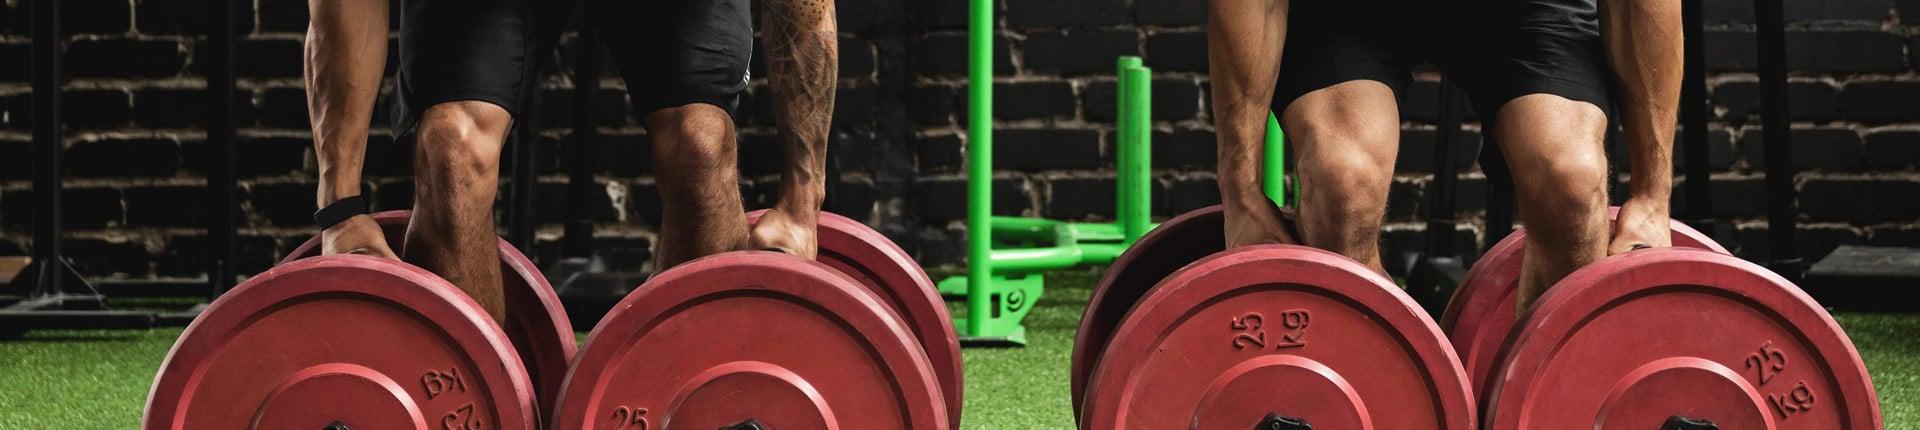 """4 ćwiczenia """"typu strongman"""" wspomagające trening kulturystyczny"""